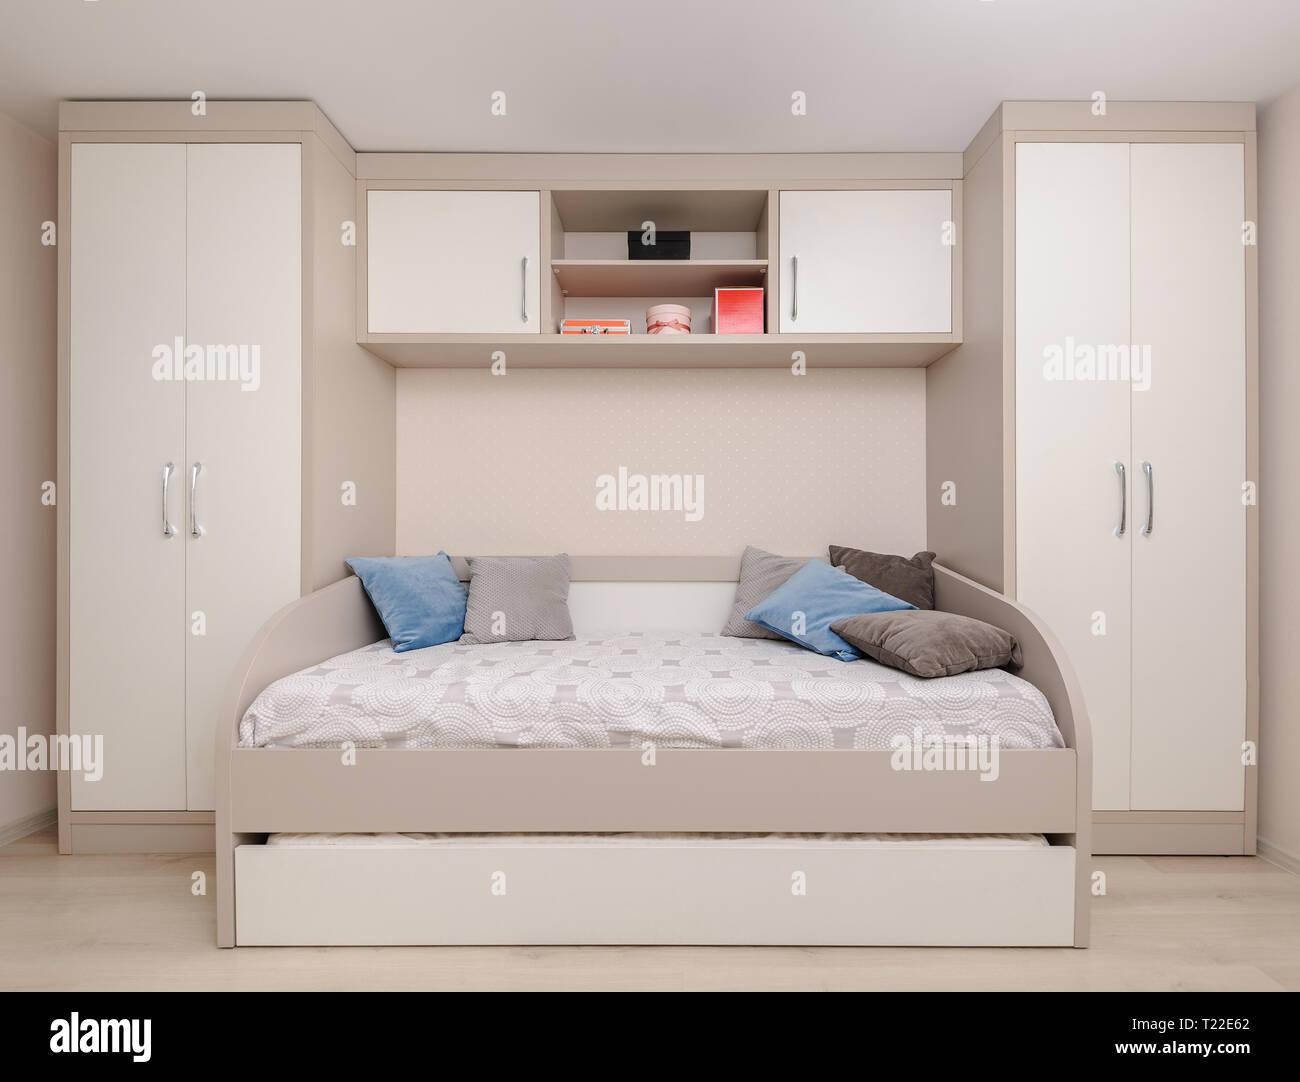 Chambre A Coucher Moderne Avec Lit Double Et Armoire Blanche Photo Stock Alamy